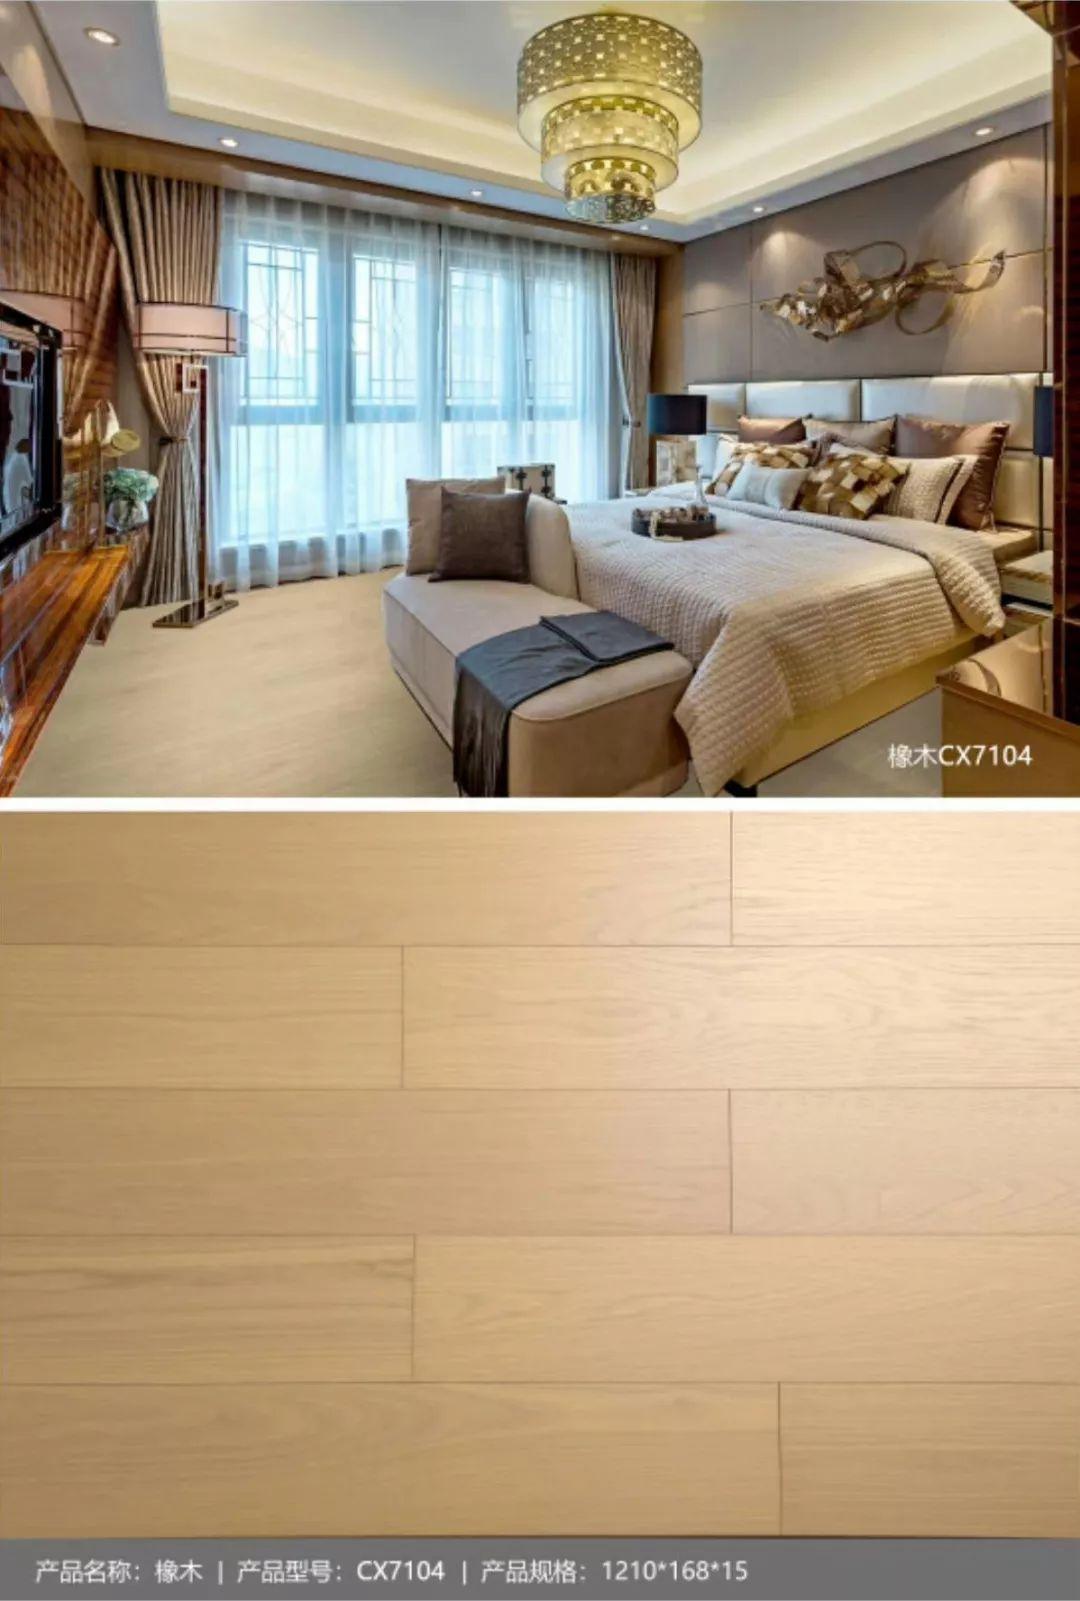 汉邦地板产品-橡木系列地板CX7104